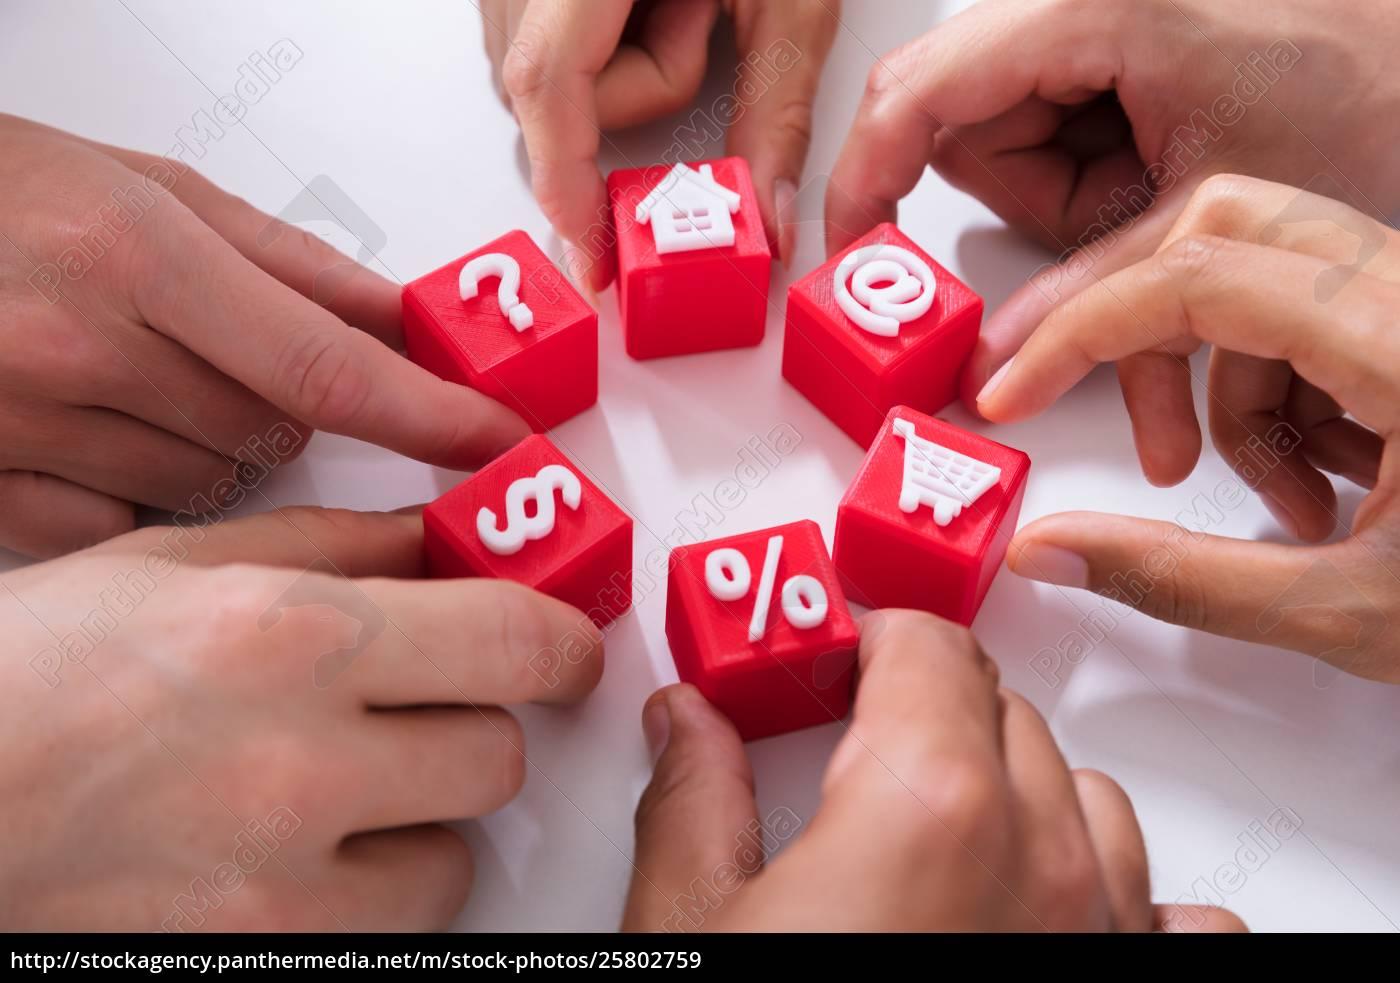 leute, halten, rote, kubische, blöcke, mit - 25802759